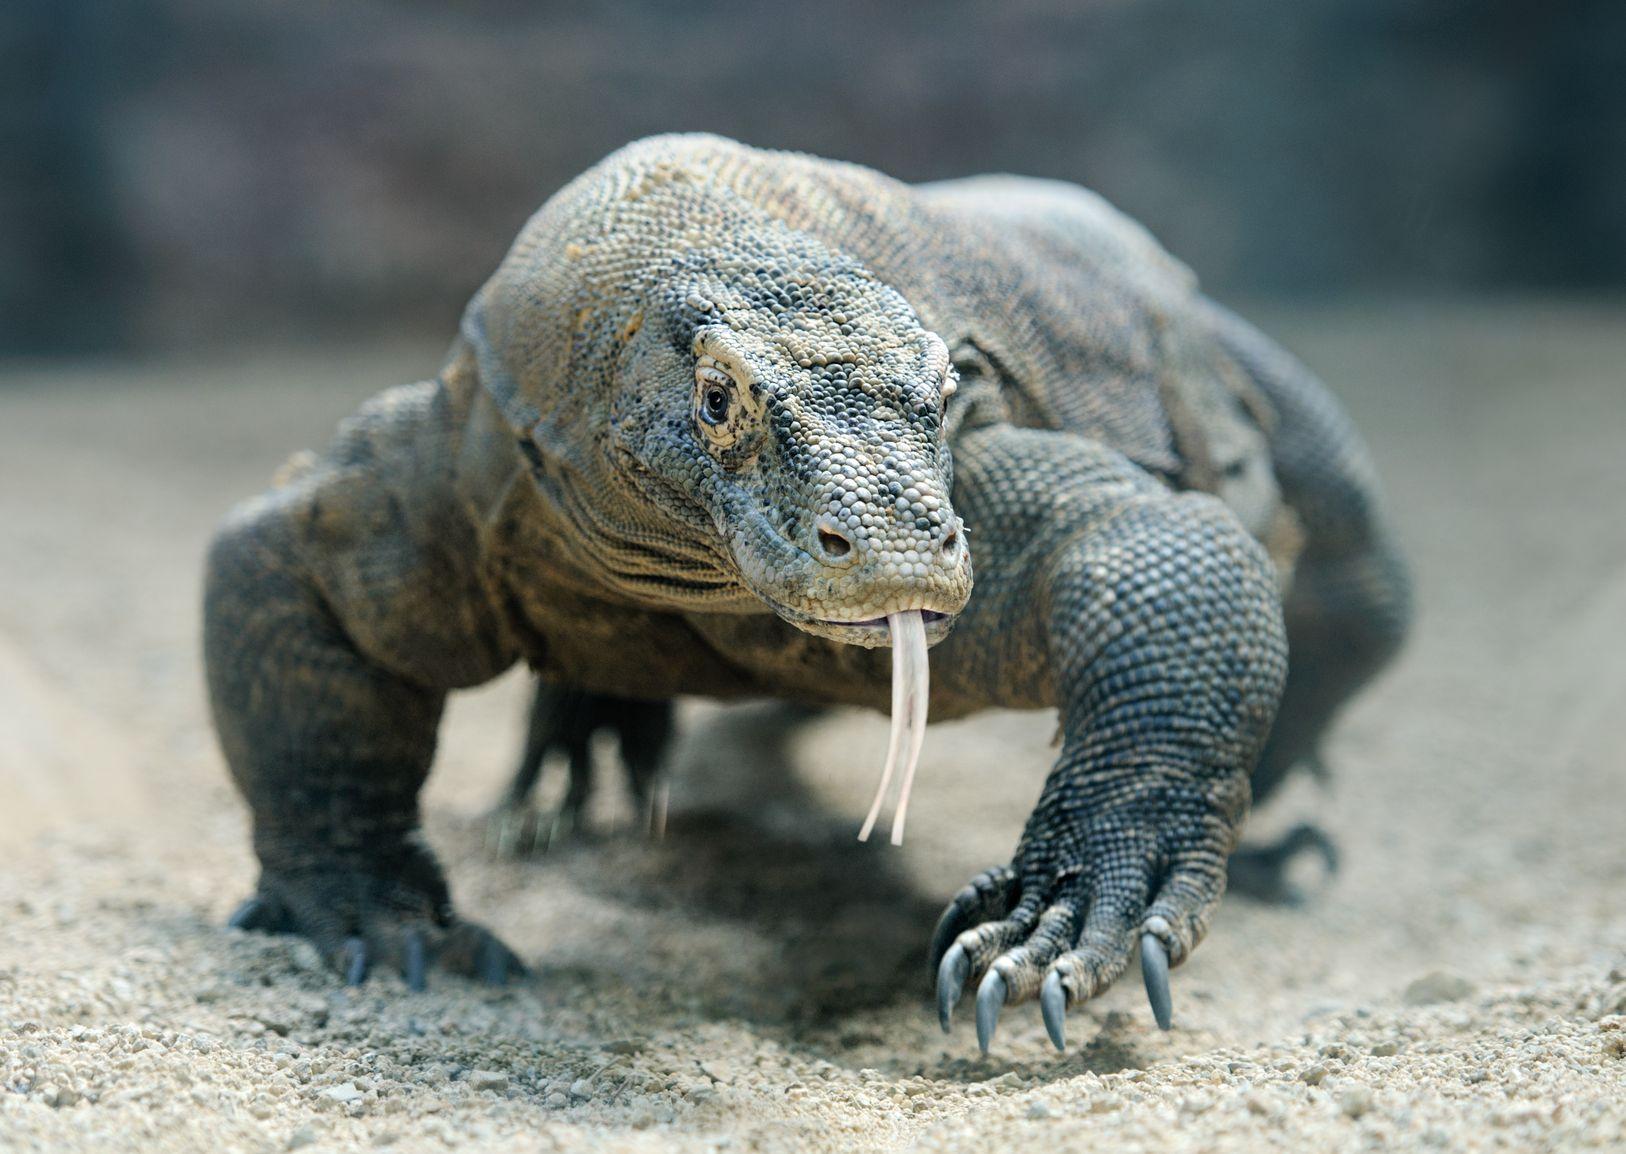 La tortue est bel et bien un reptile !